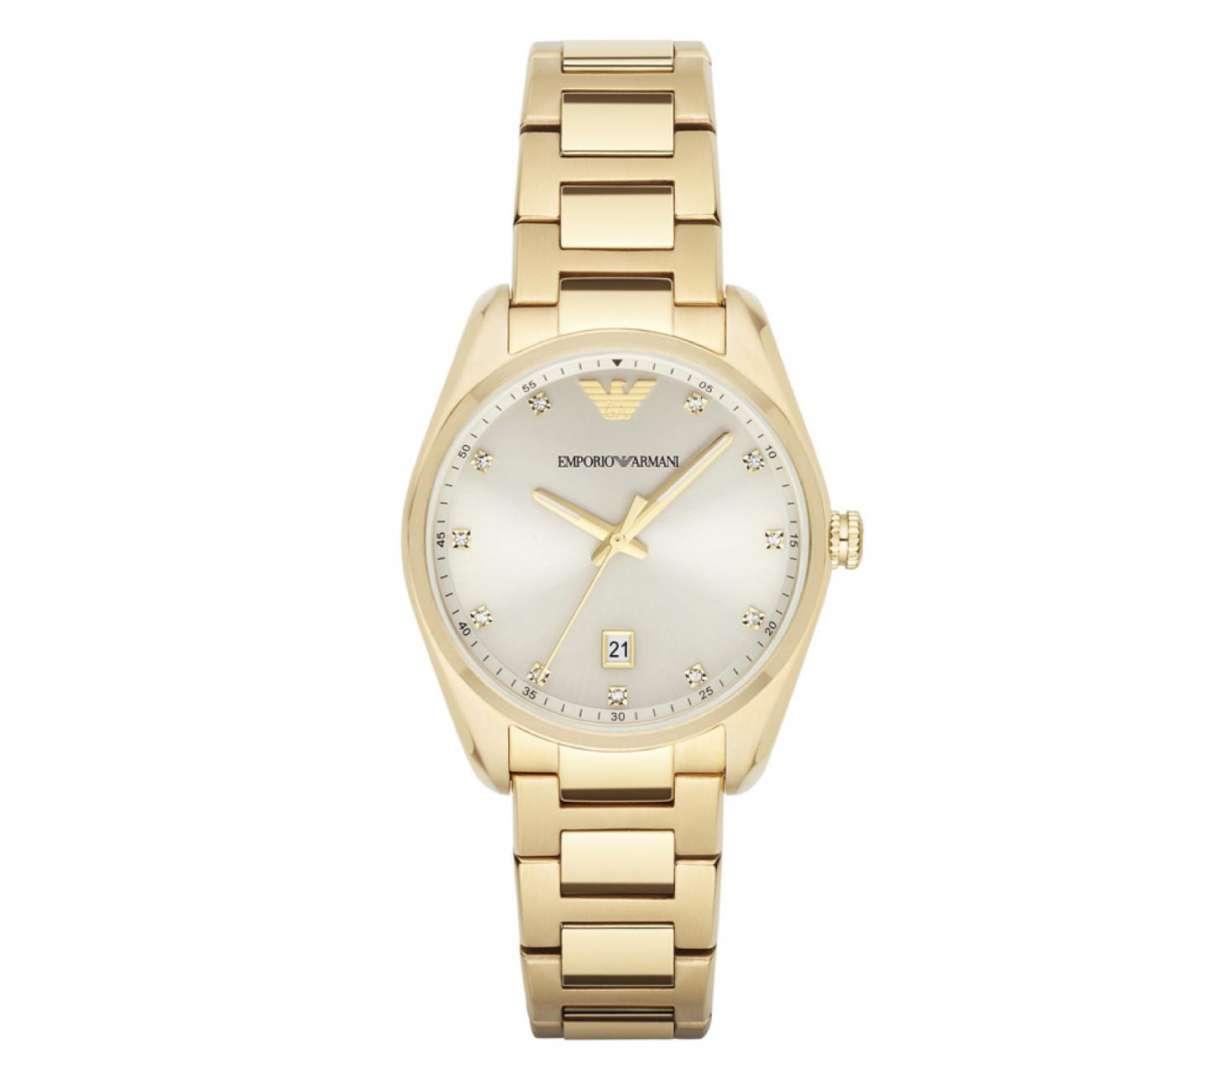 שעון יד אנלוגי לאישה emporio armani ar6064 אמפוריו ארמני